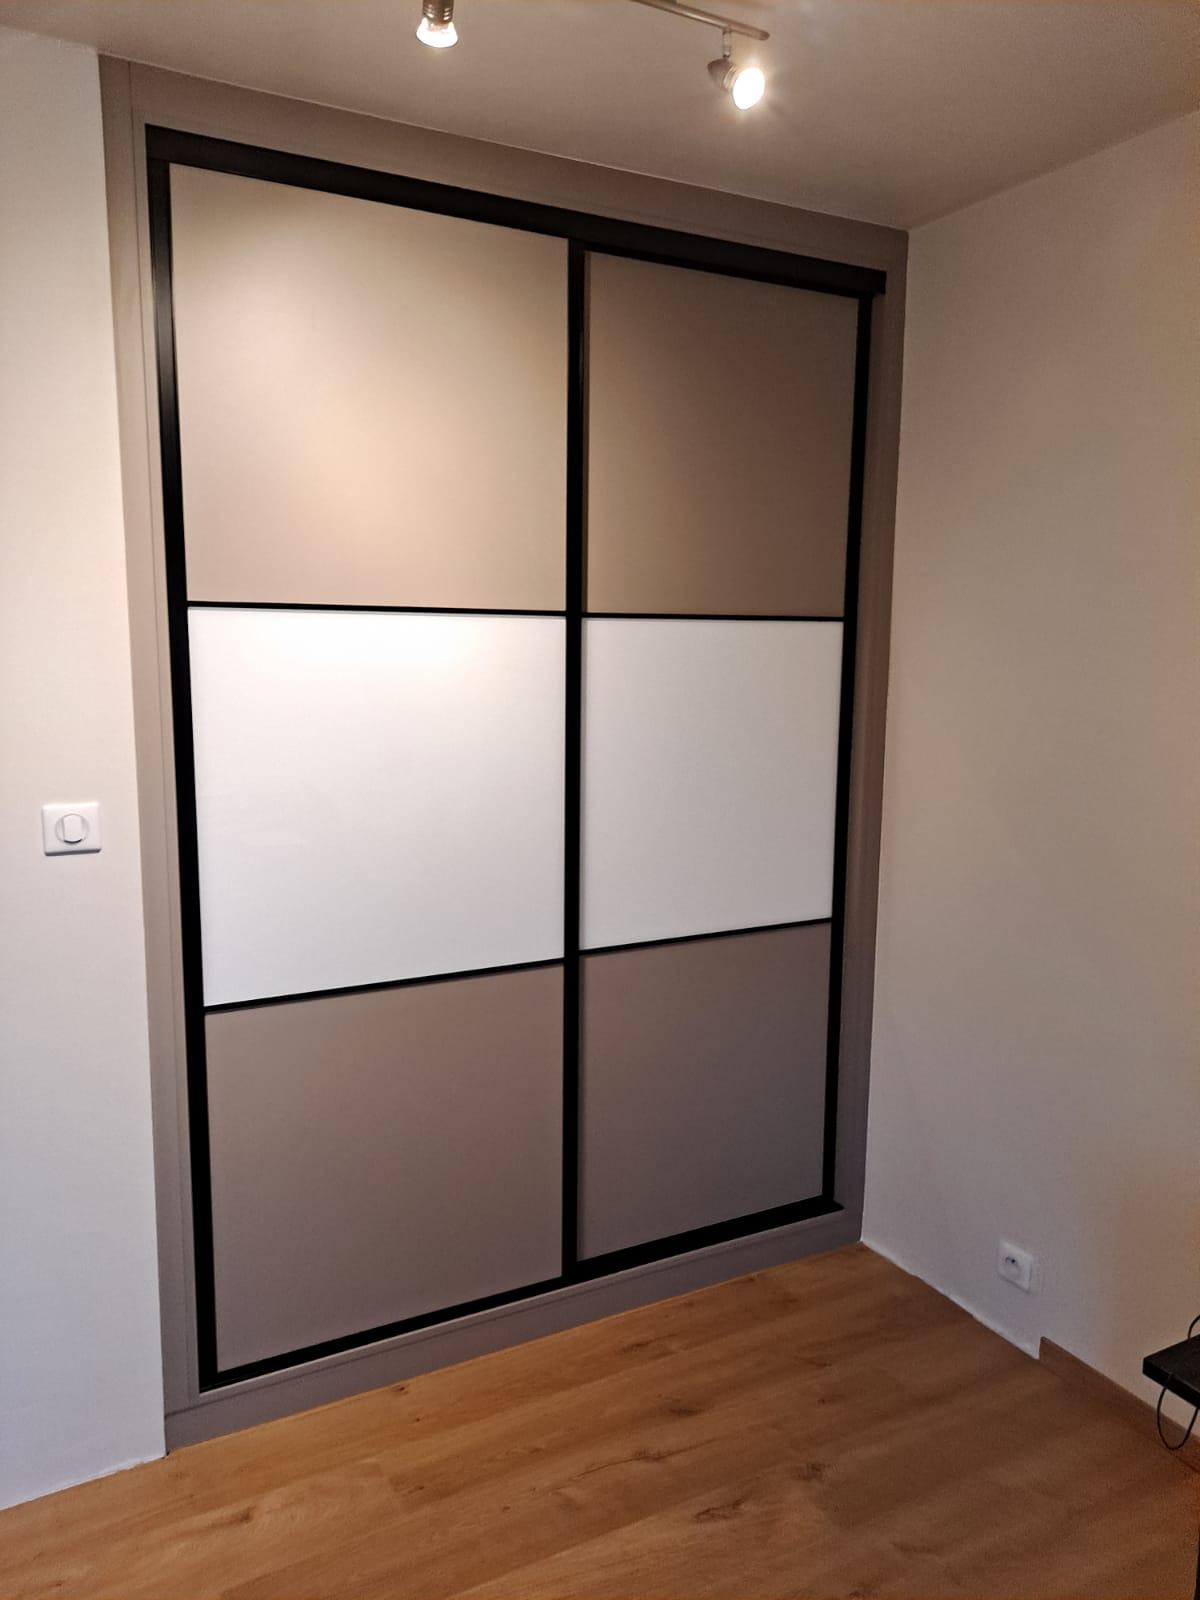 Enfin, sur cette dernière photo, on voit le placard qui est fermé.